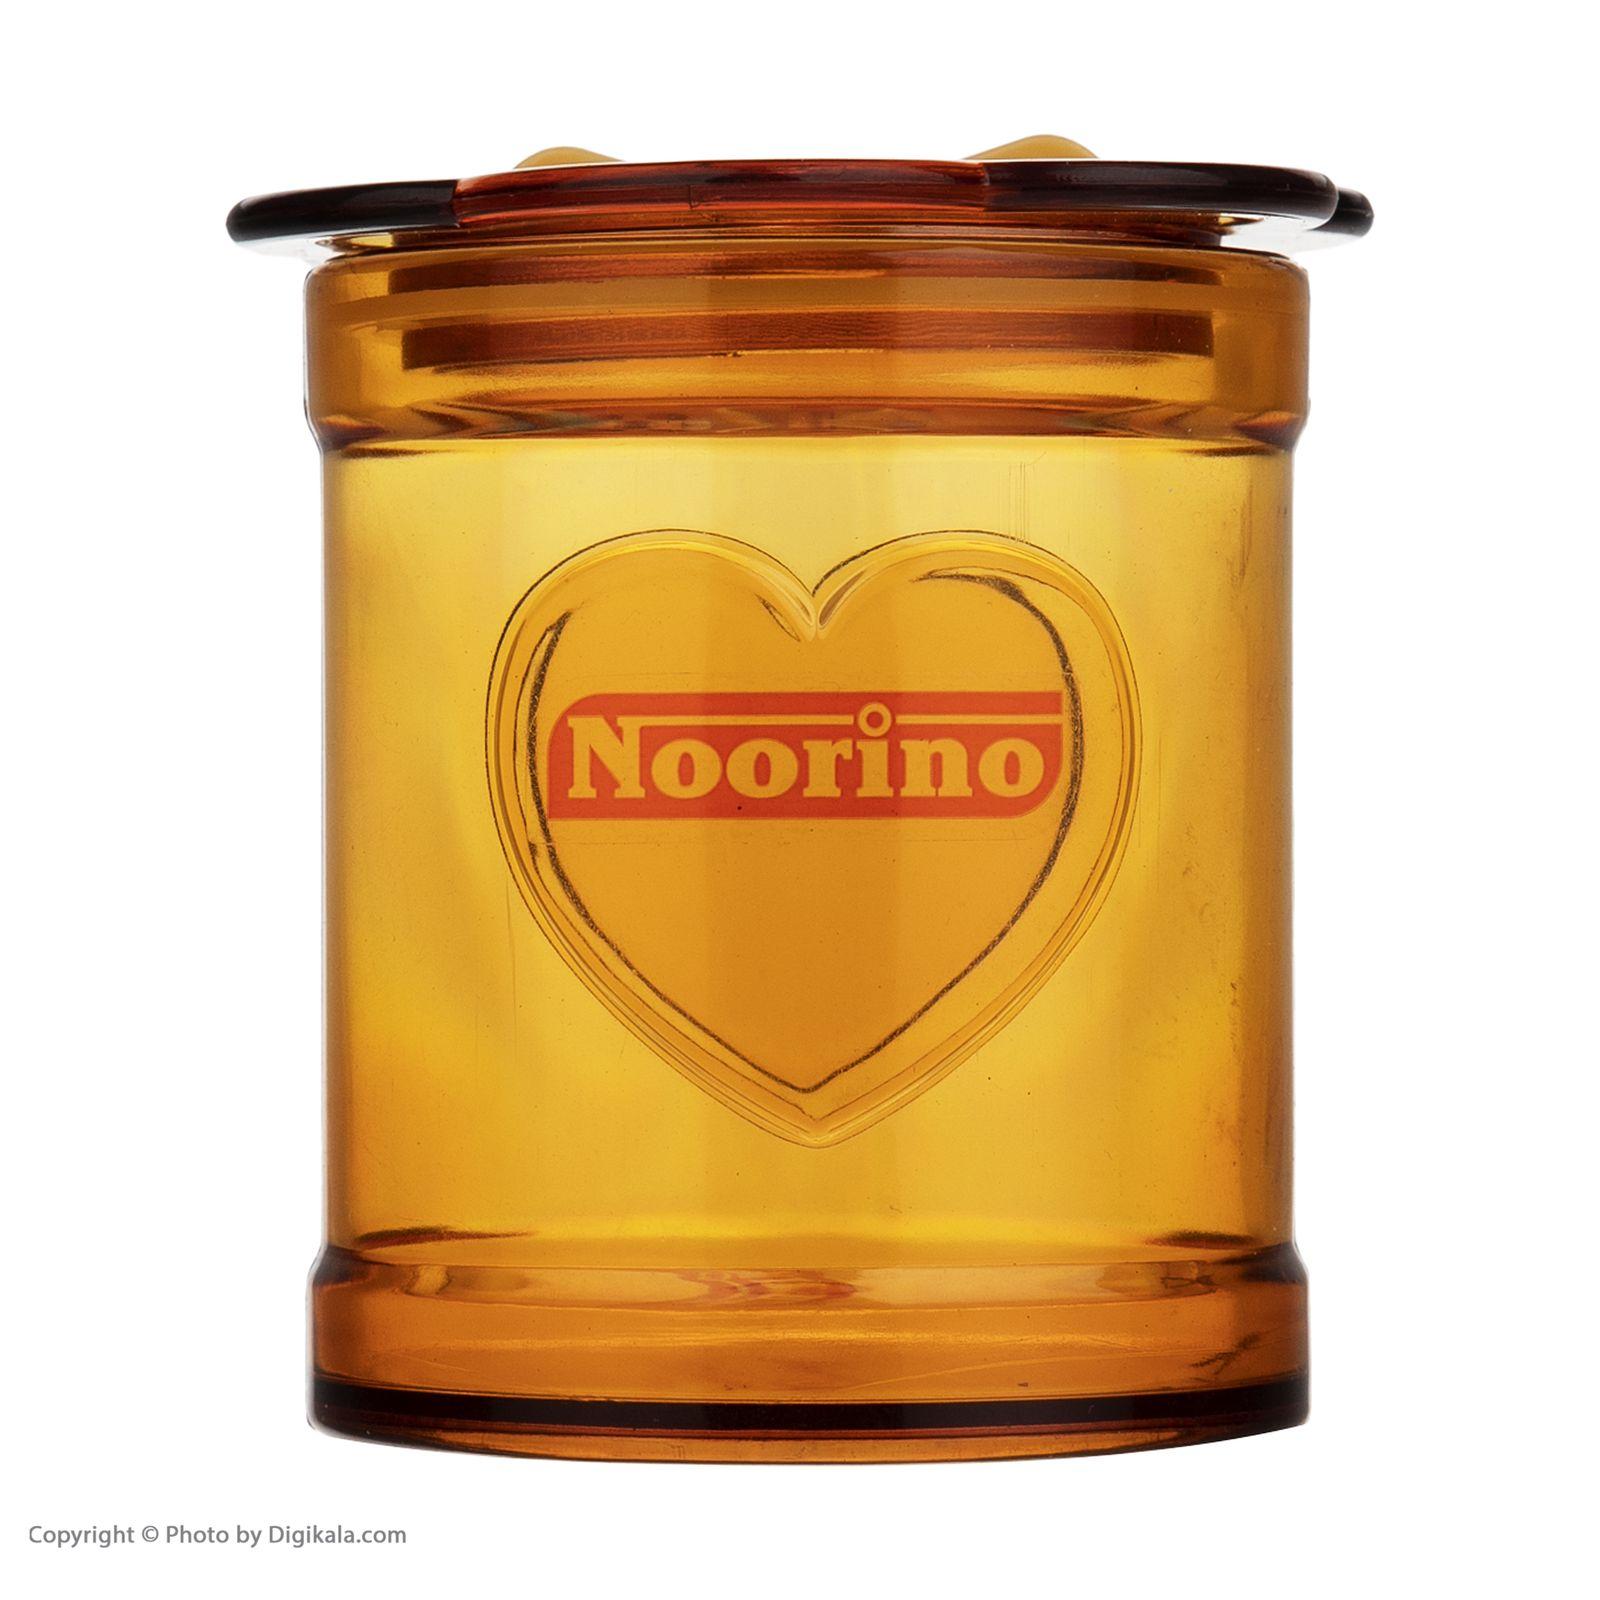 جا ادویه نورینو مدل Heart بسته 6 عددی main 1 1